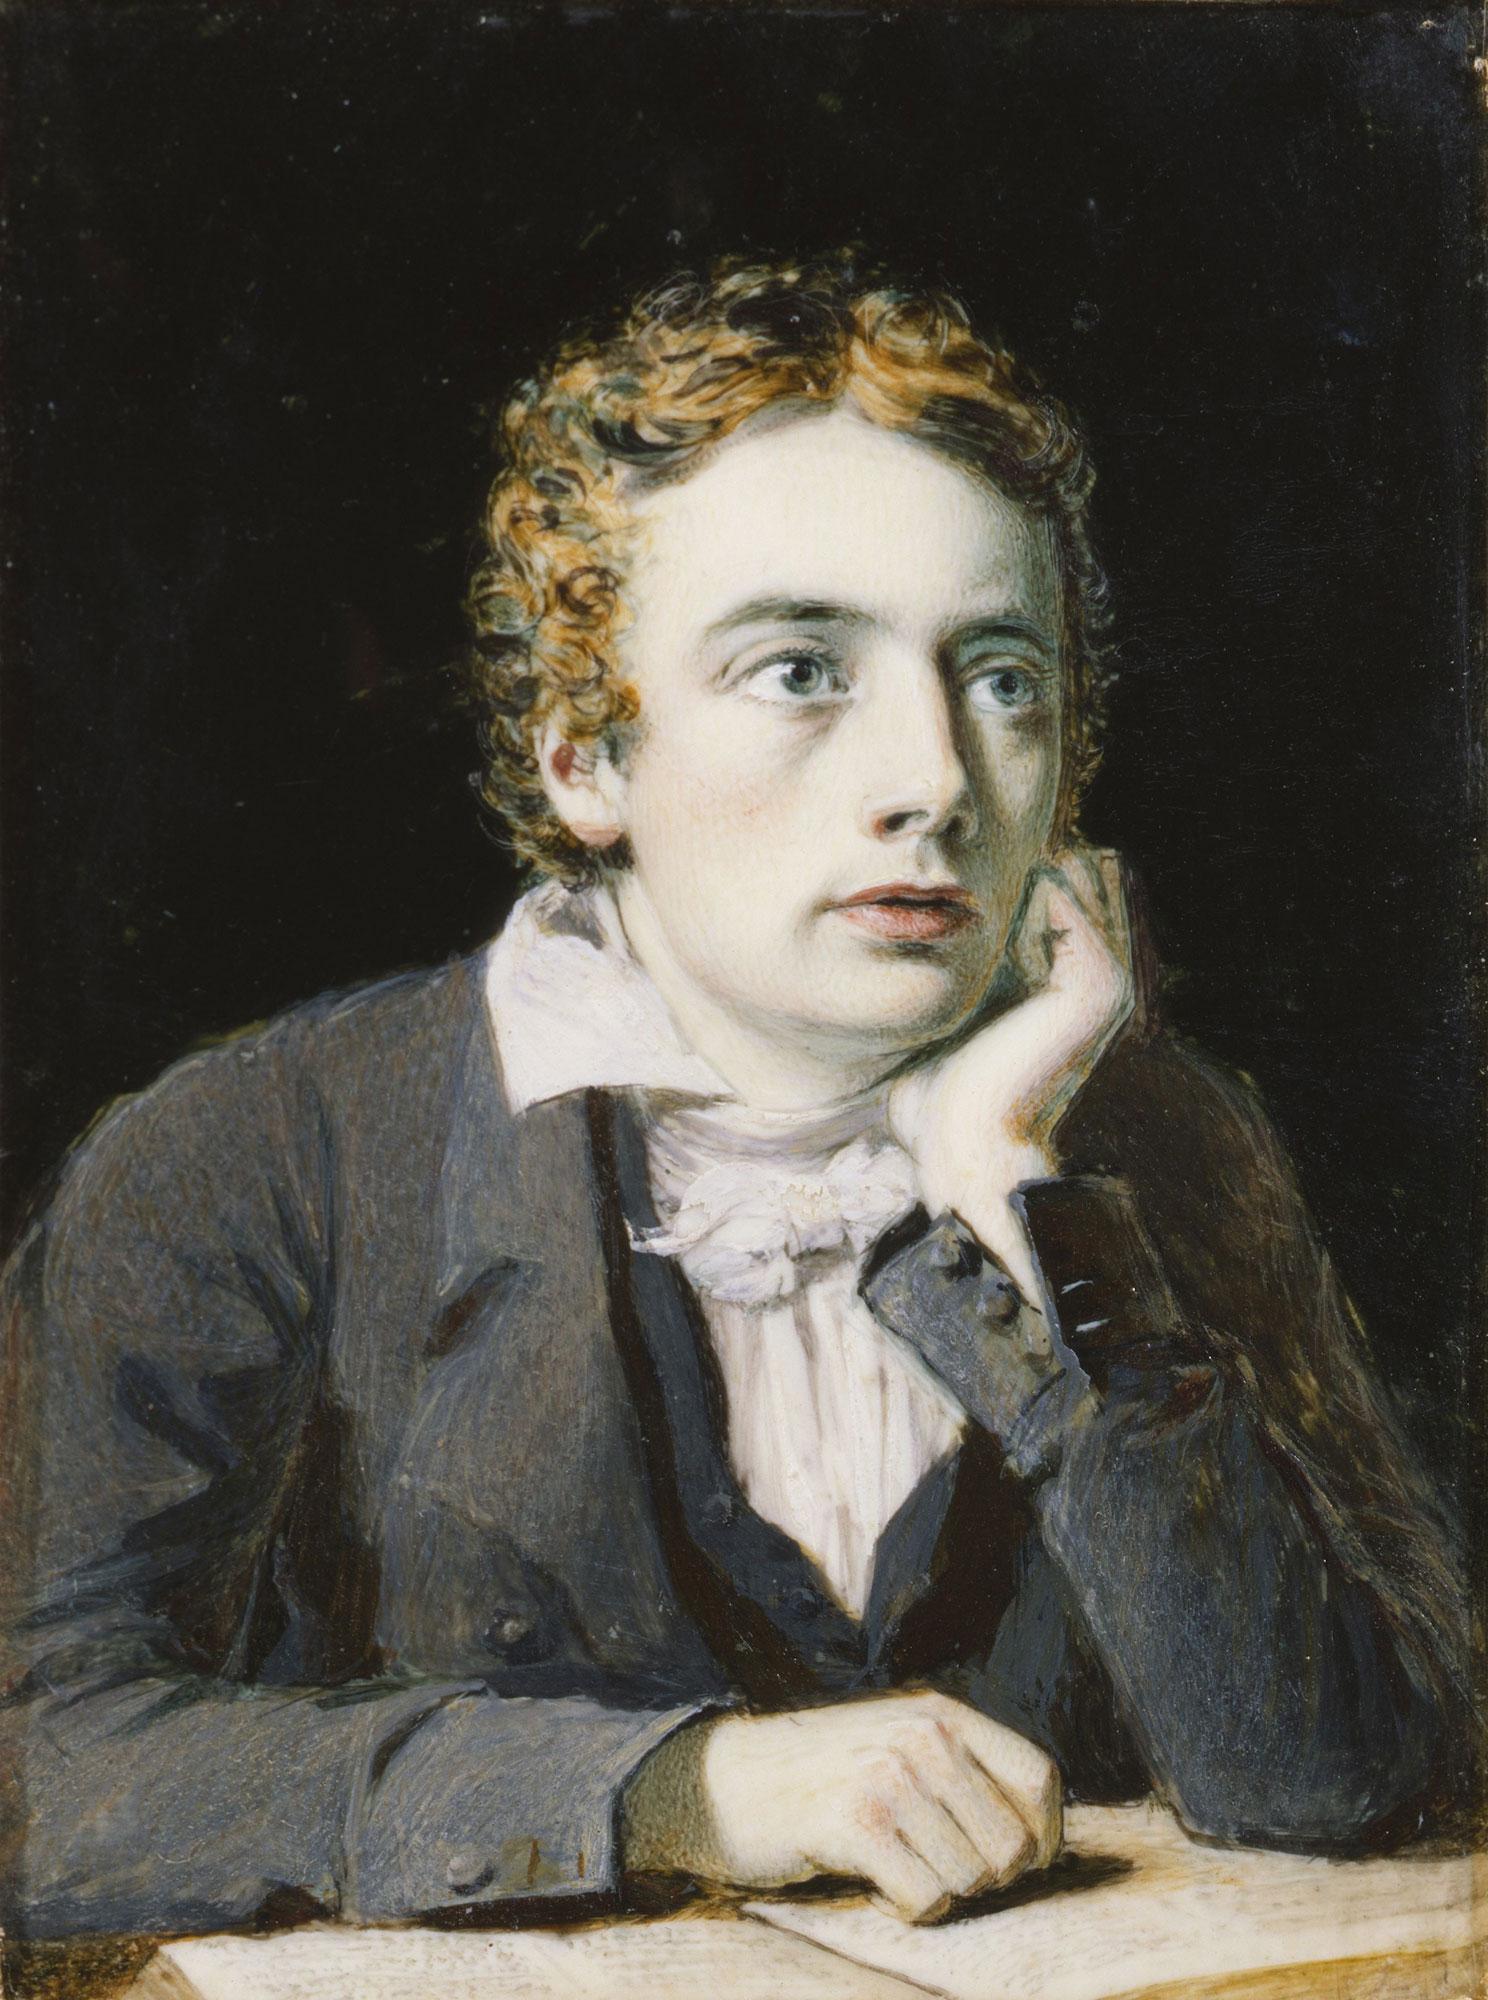 John Keats to autumn